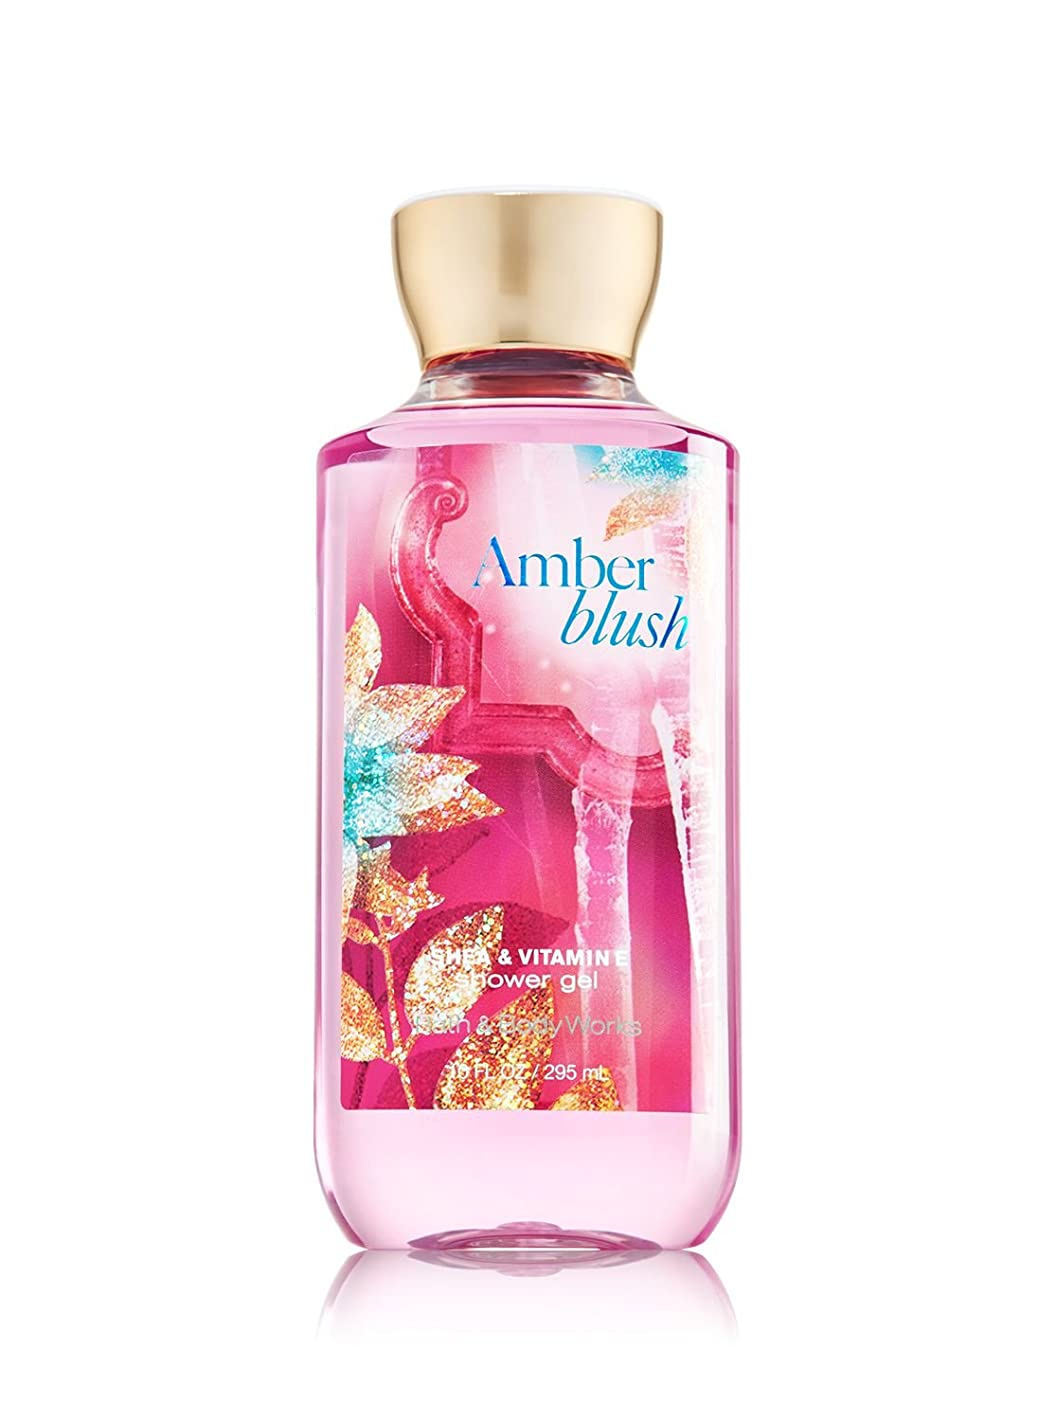 詩クリアパスポート【Bath&Body Works/バス&ボディワークス】 シャワージェル アンバーブラッシュ Shower Gel Amber Blush 10 fl oz / 295 mL [並行輸入品]